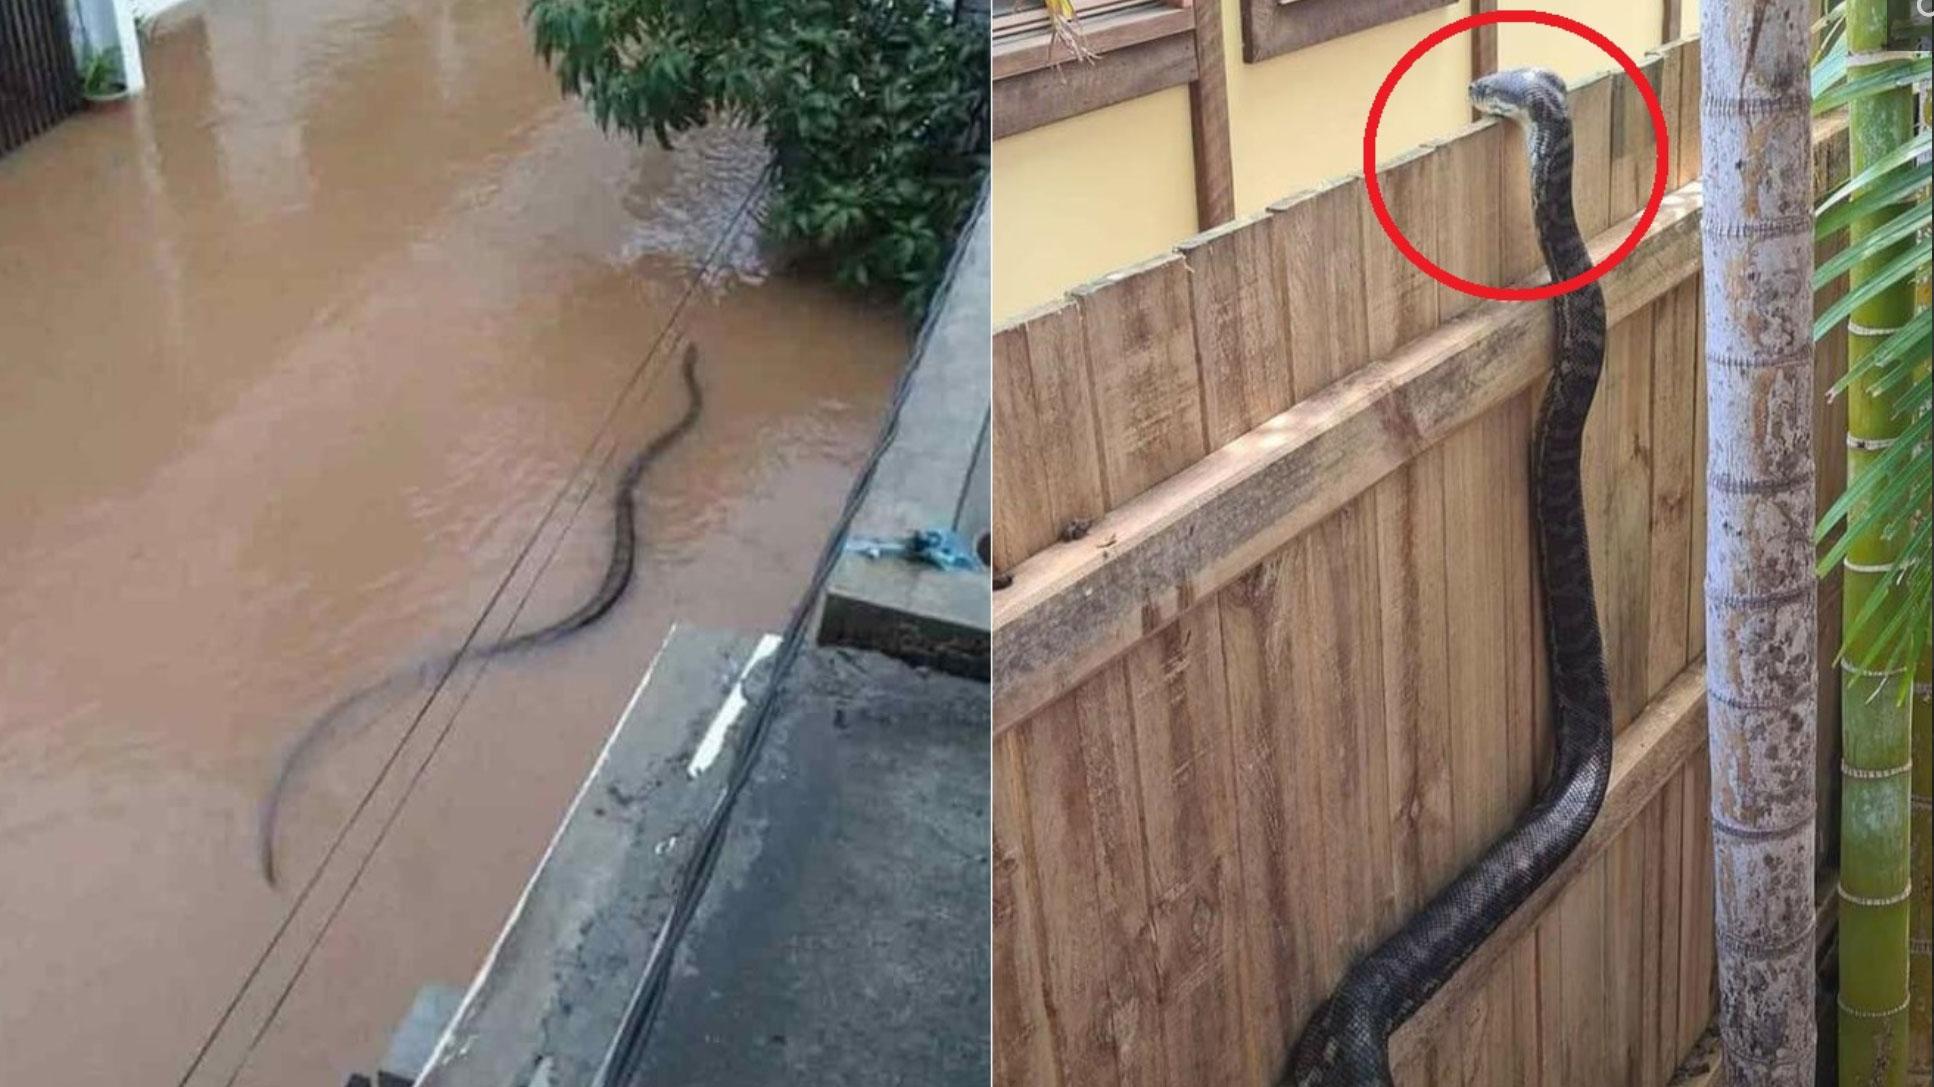 Hú hồn 'bé Na' dài 2m tung tăng bơi lội giữa đường phố ngập nước, vắt vẻo trên bờ rào thò cổ vào trong vườn để rình mồi